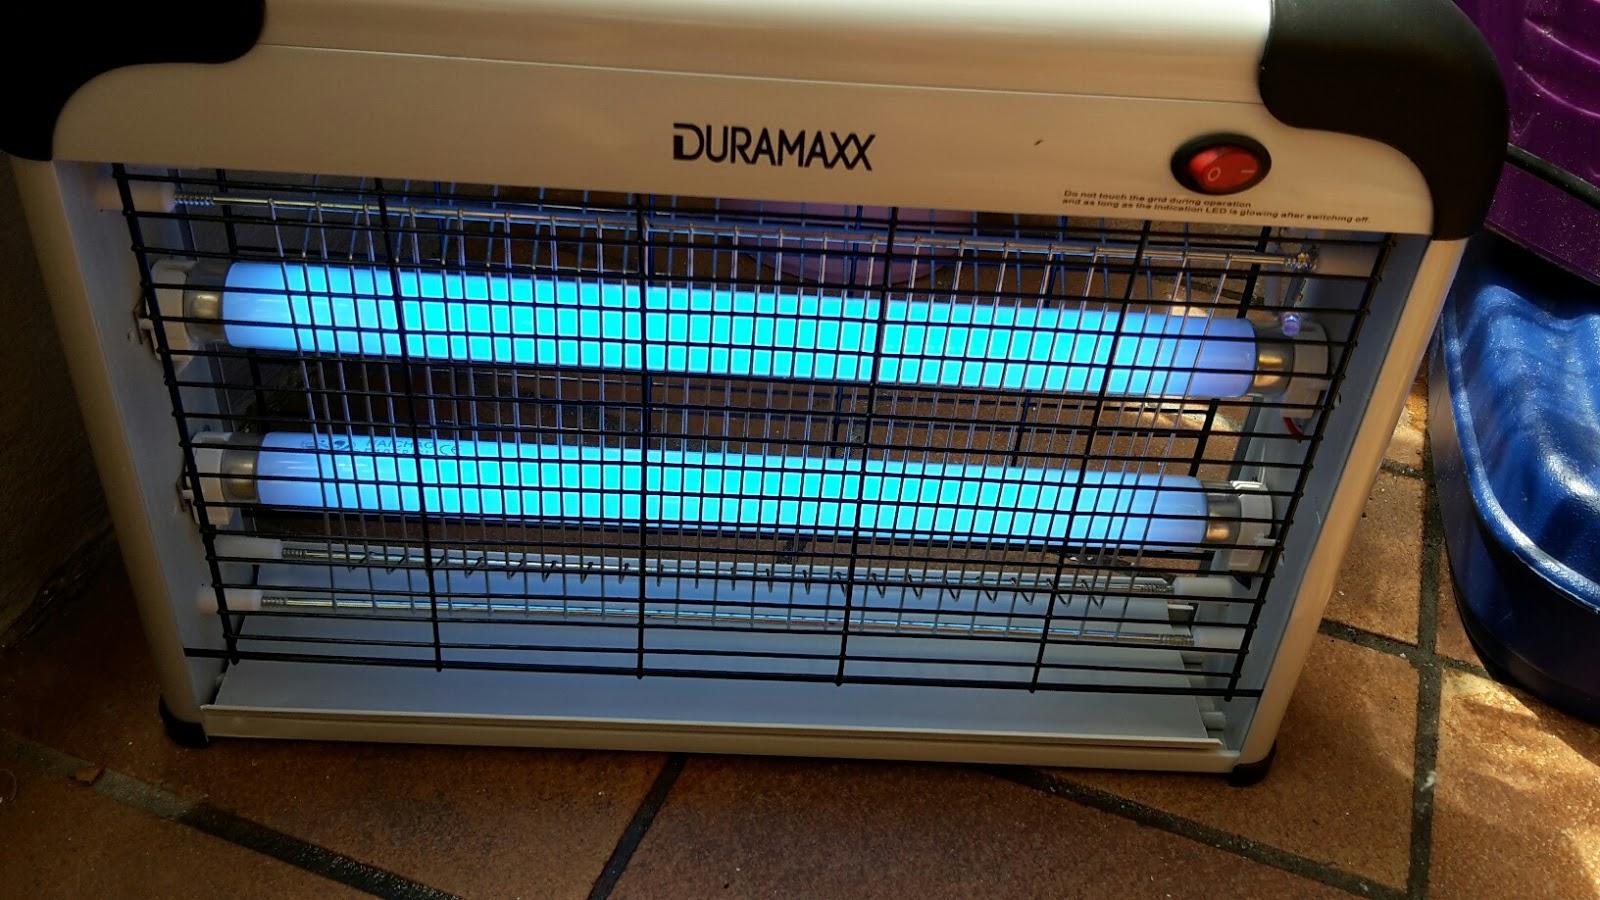 mona 39 s blog duramaxx mosquito ex 4000 elektrischer insektenschutz uv licht insektenvernichter. Black Bedroom Furniture Sets. Home Design Ideas